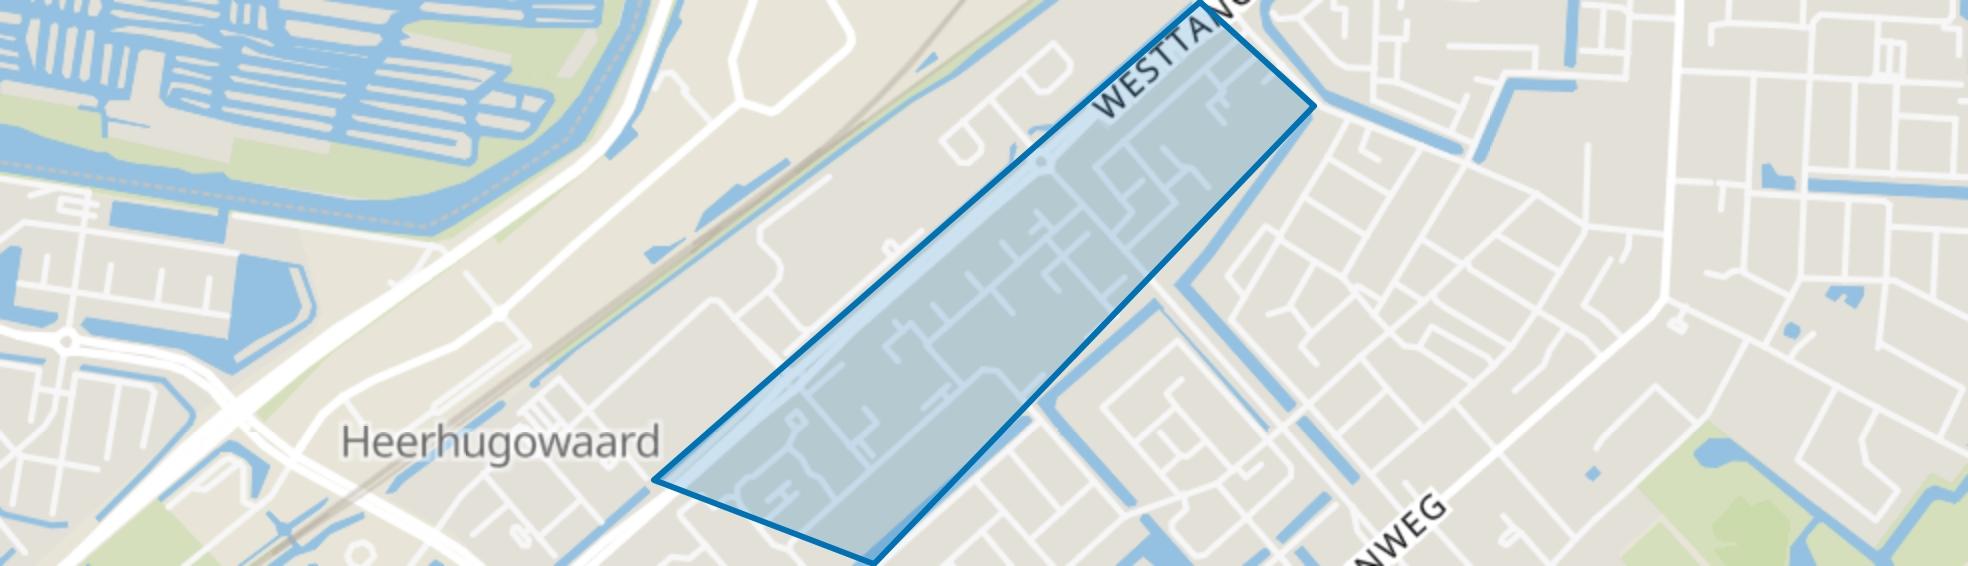 Planetenwijk, Heerhugowaard map